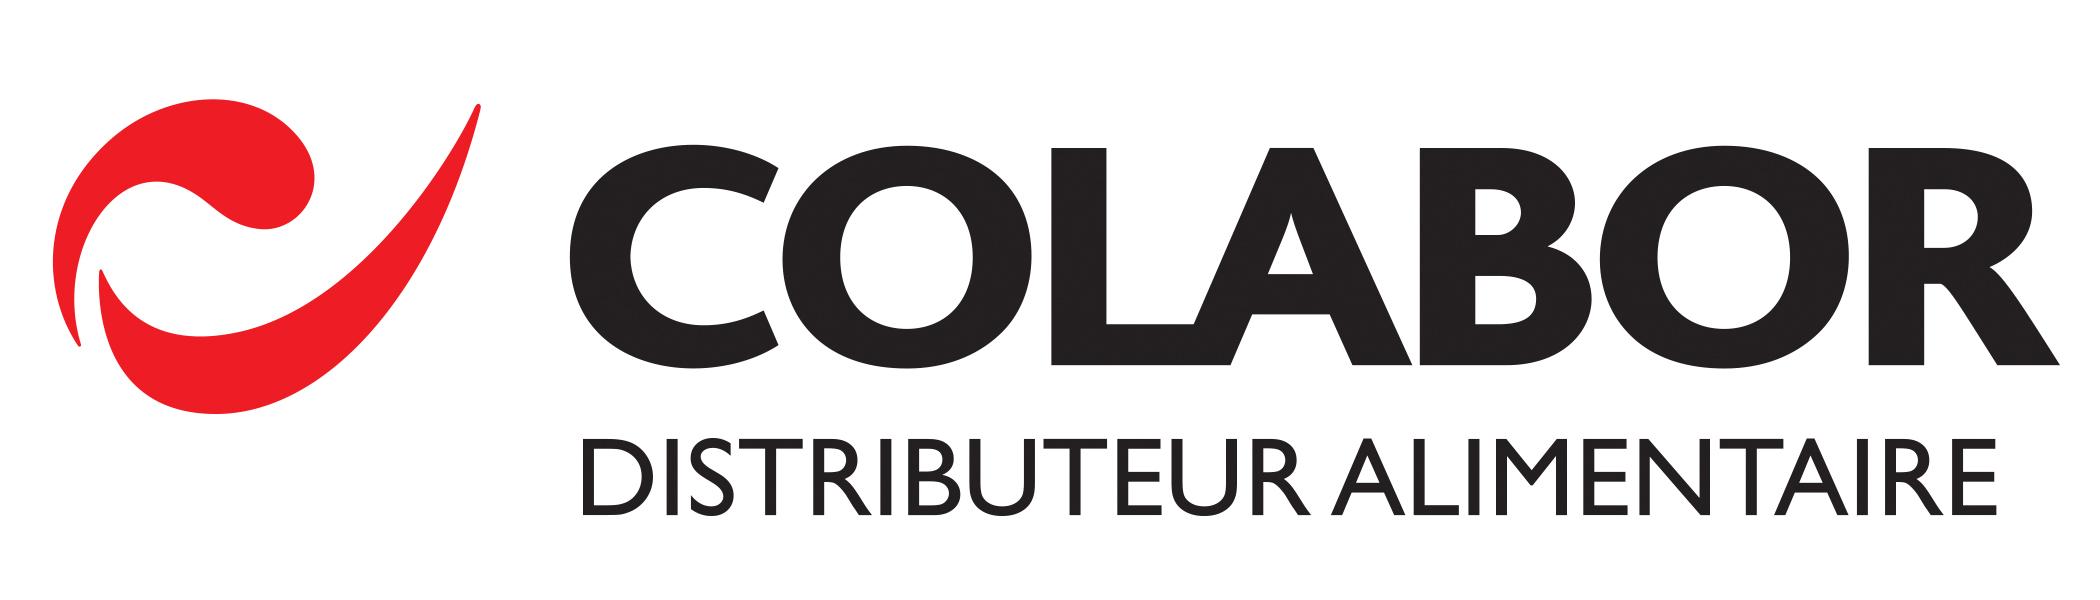 LogoCDA_RGB.JPG (250 KB)